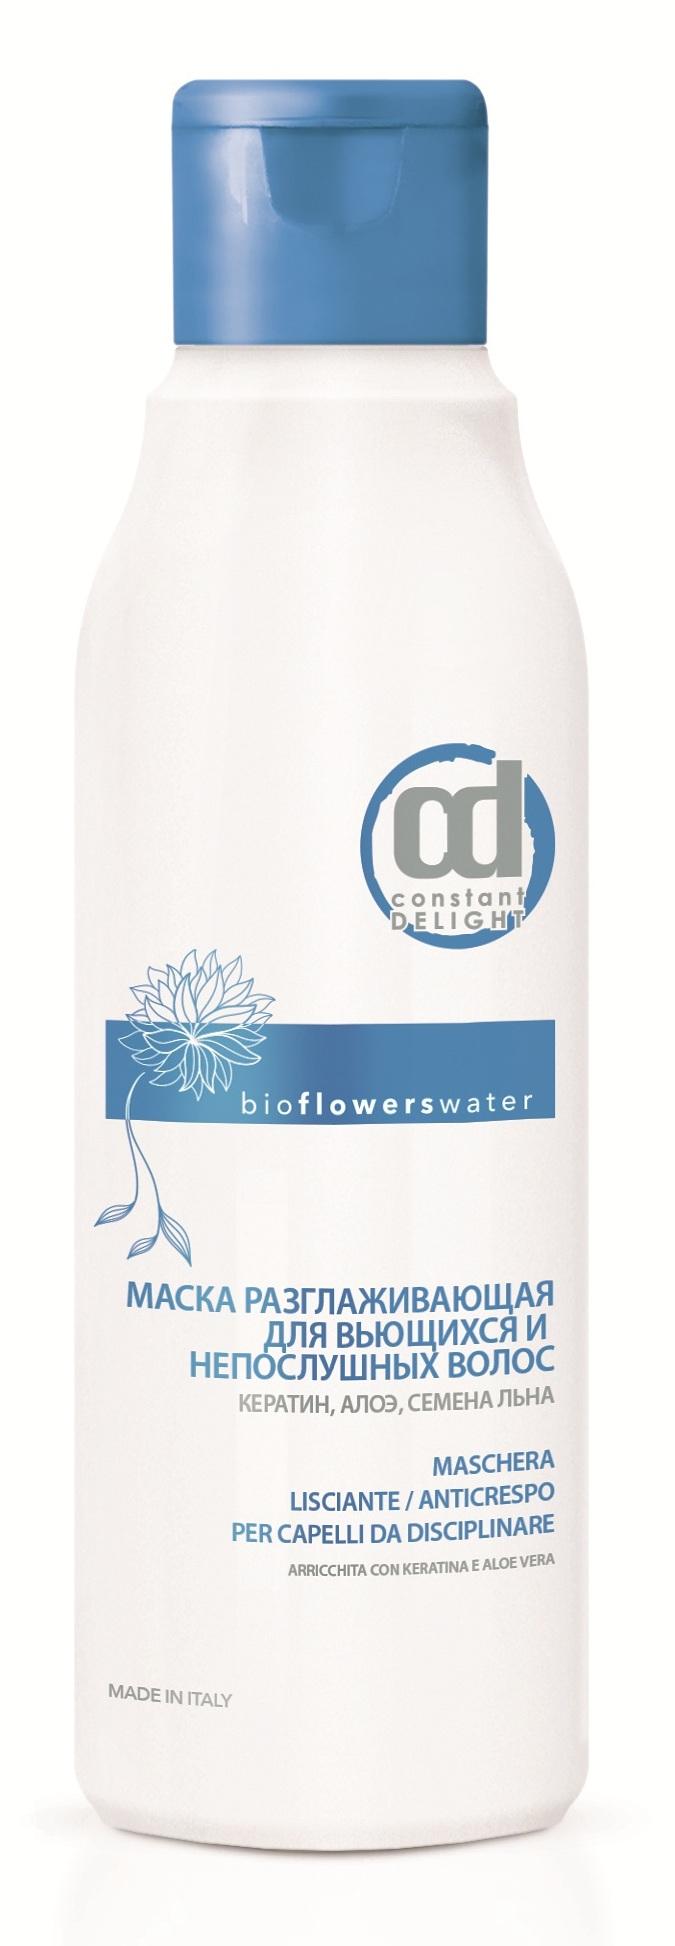 Купить CONSTANT DELIGHT Маска разглаживающая для вьющихся и непослушных волос / BIO FLOWER 250 мл